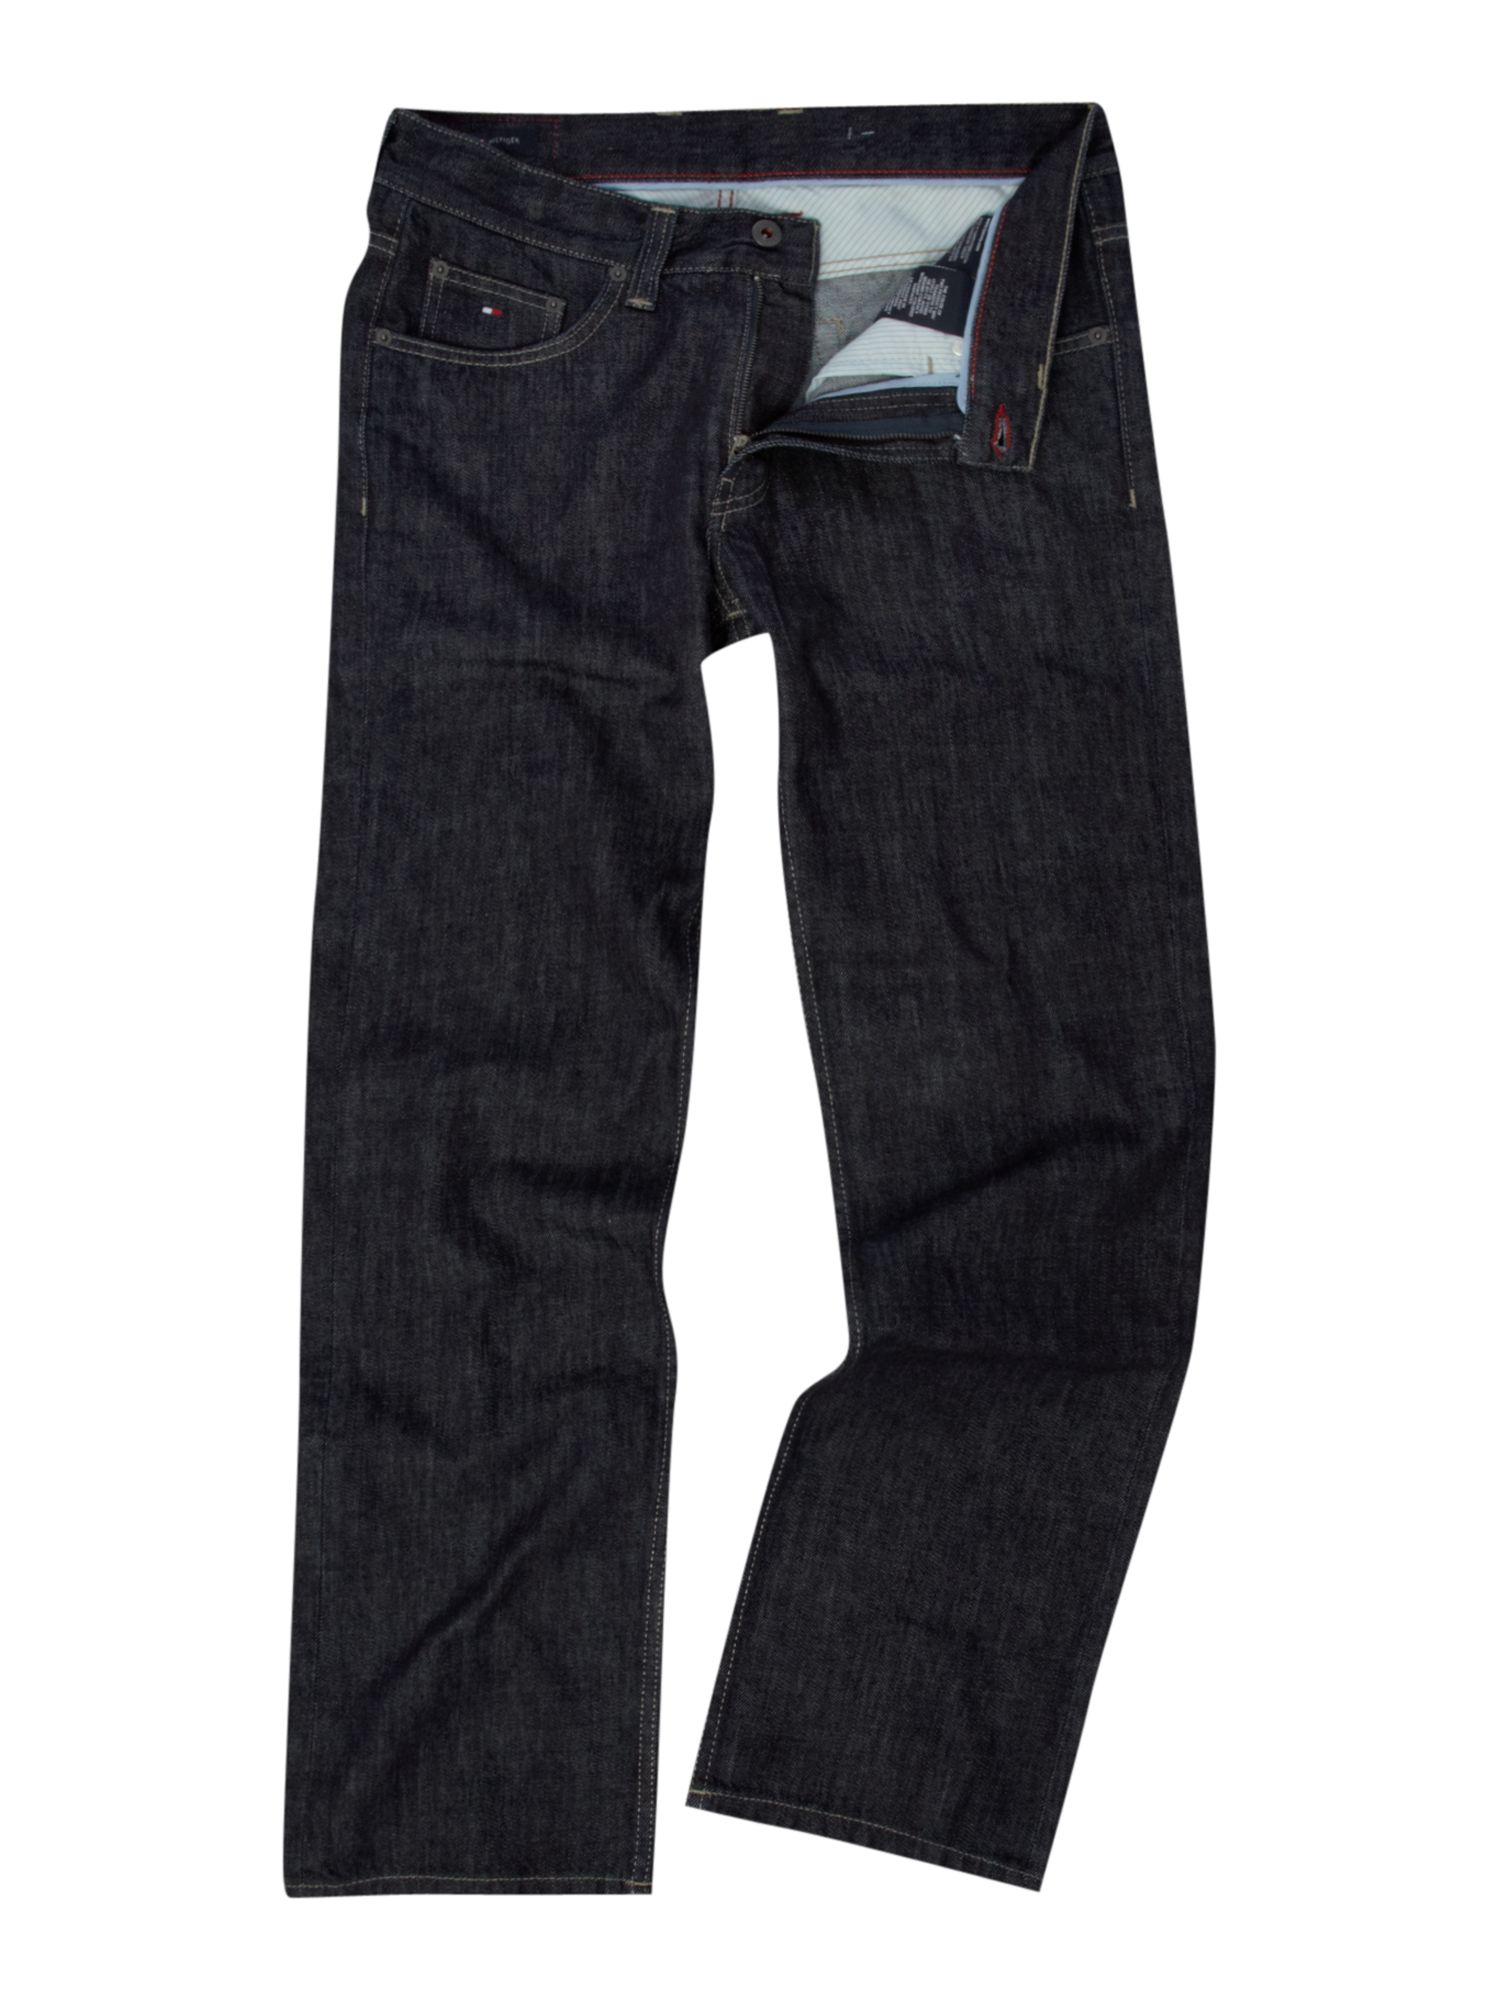 tommy hilfiger madison straight leg jeans. Black Bedroom Furniture Sets. Home Design Ideas